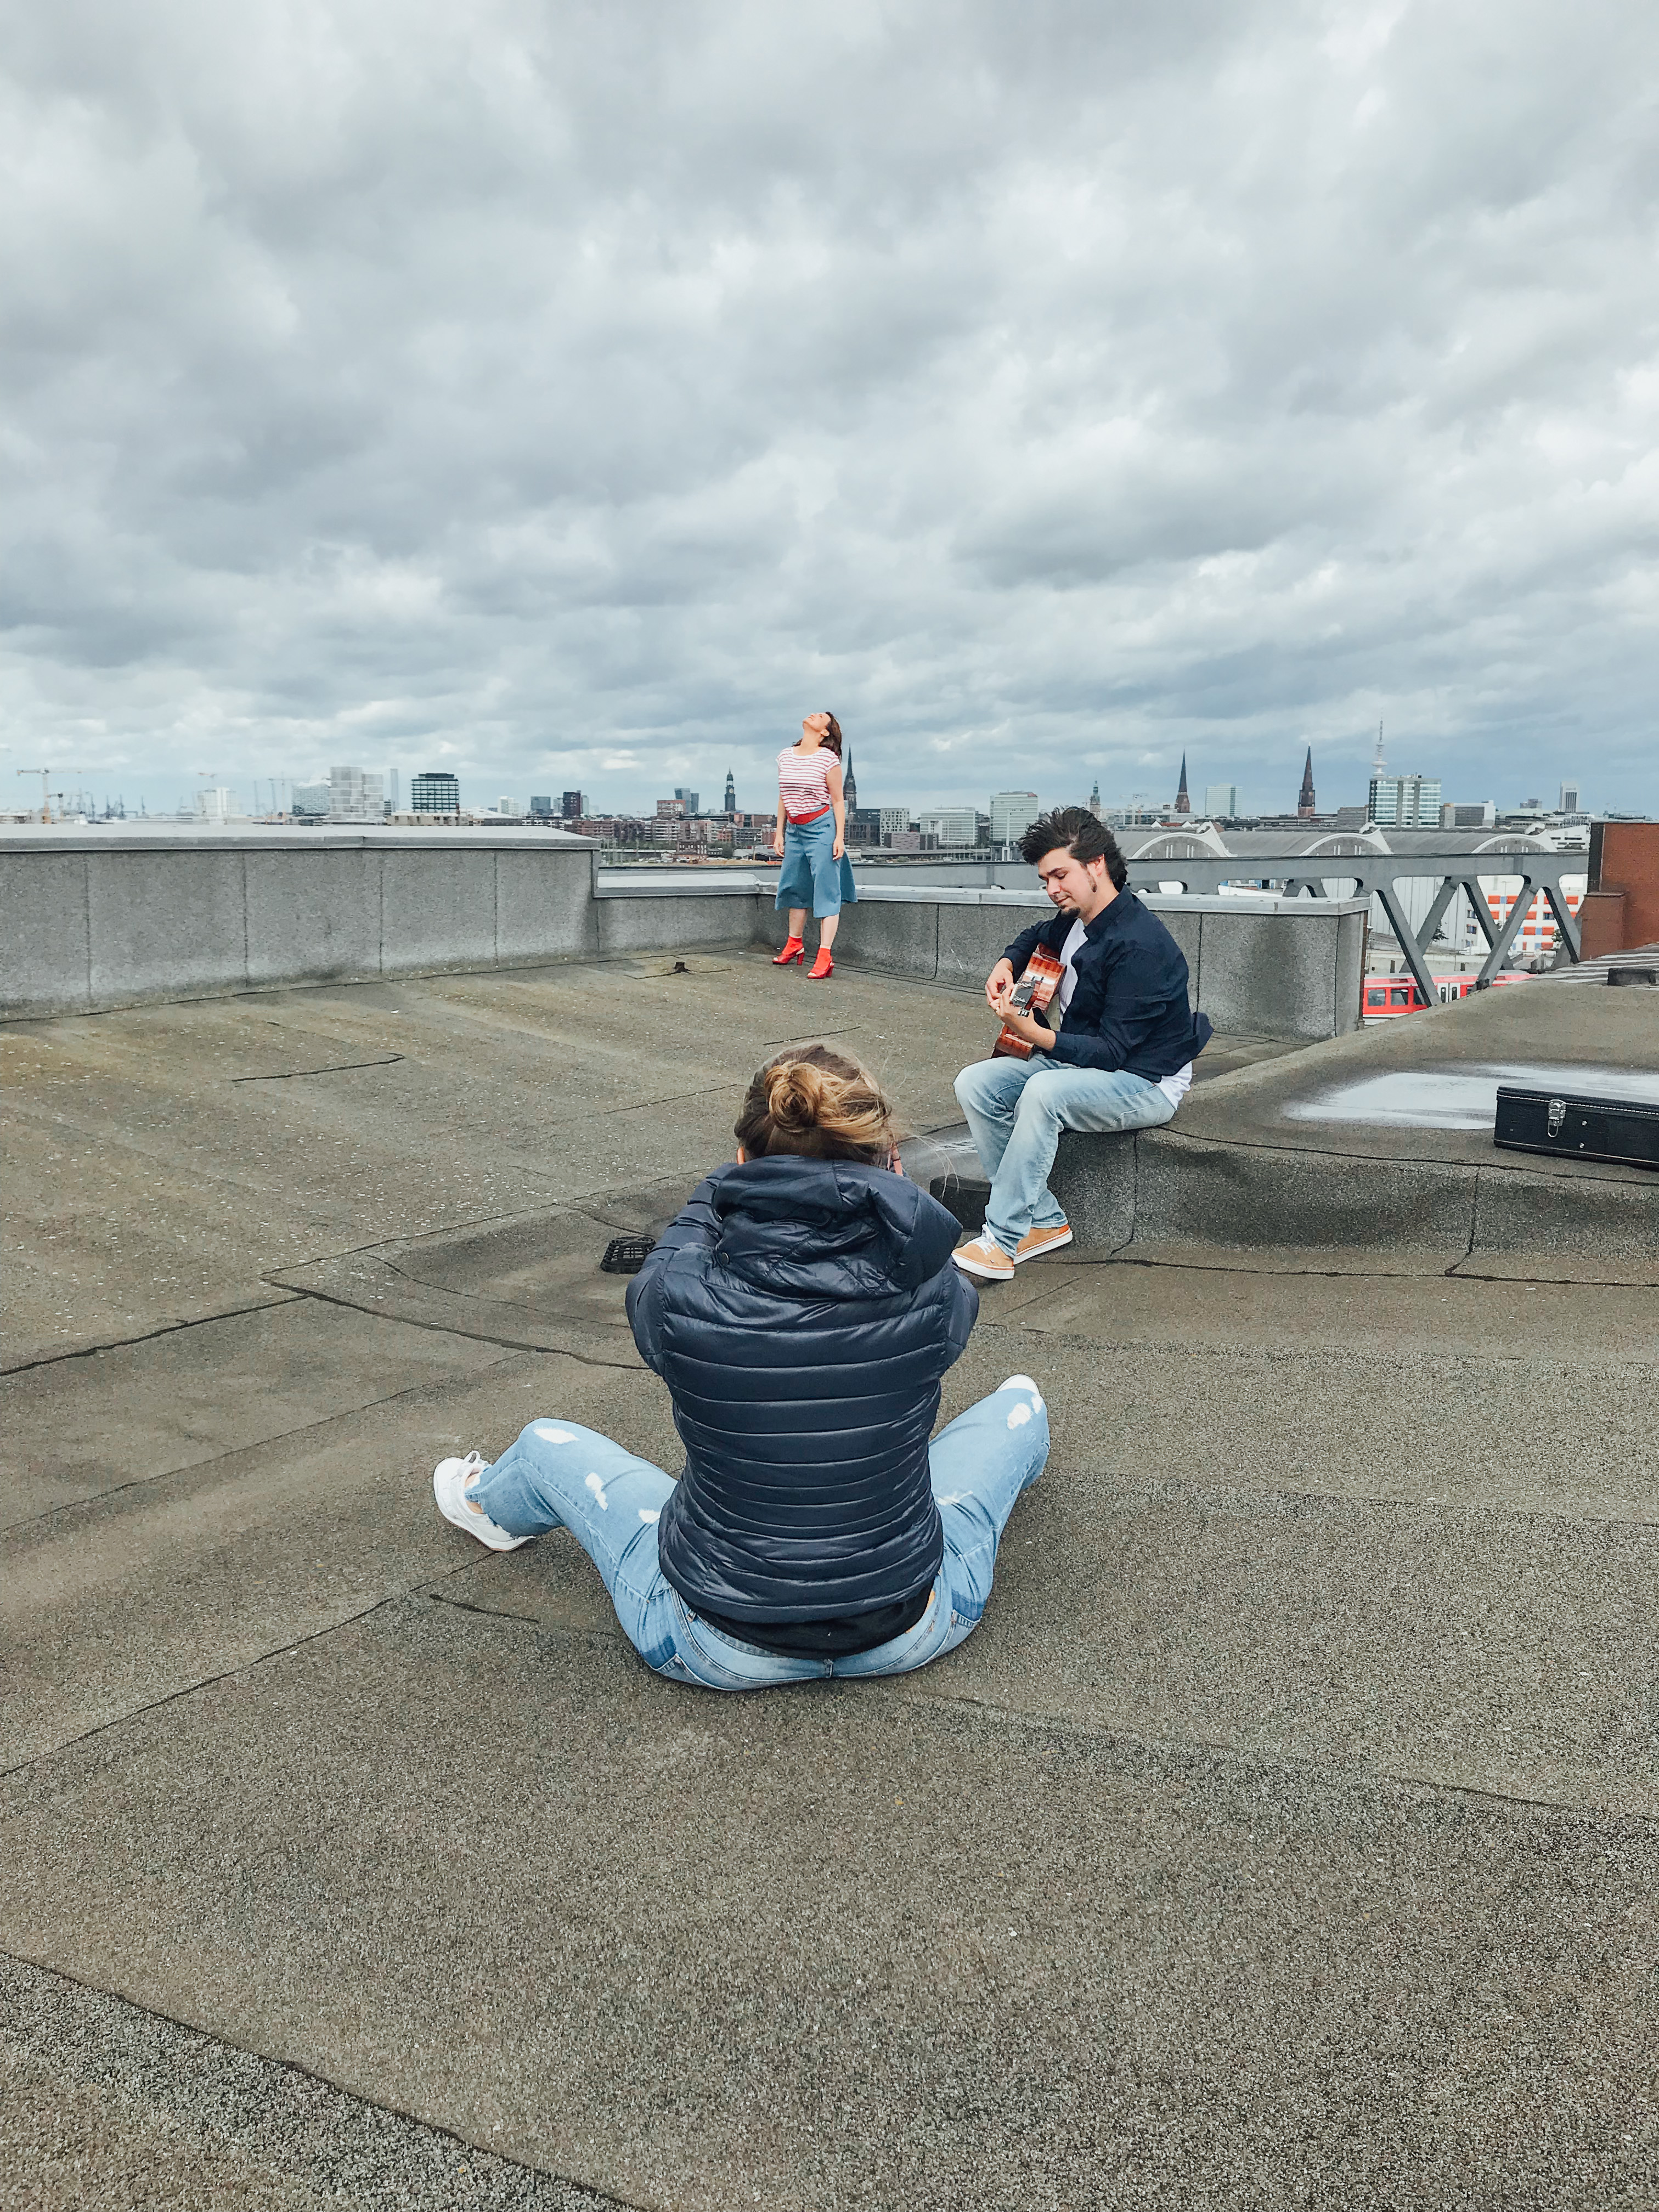 Drei Menschen auf einem Dach bei einem Fotoshooting